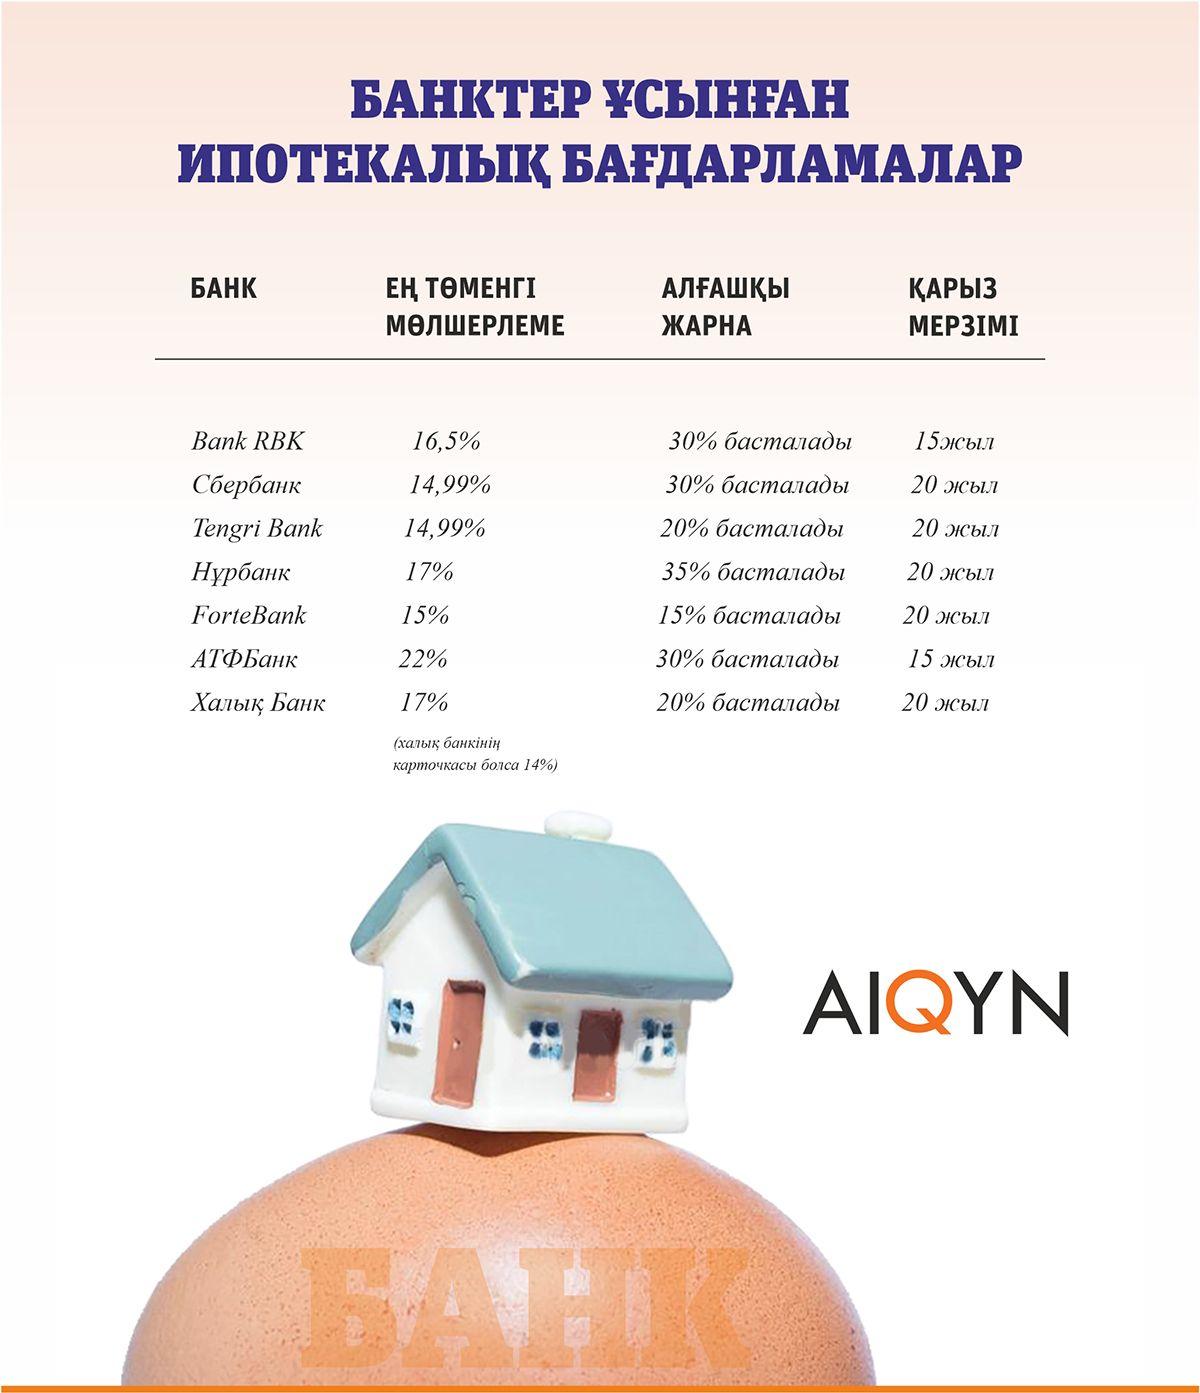 Ипотека - инфографика банк